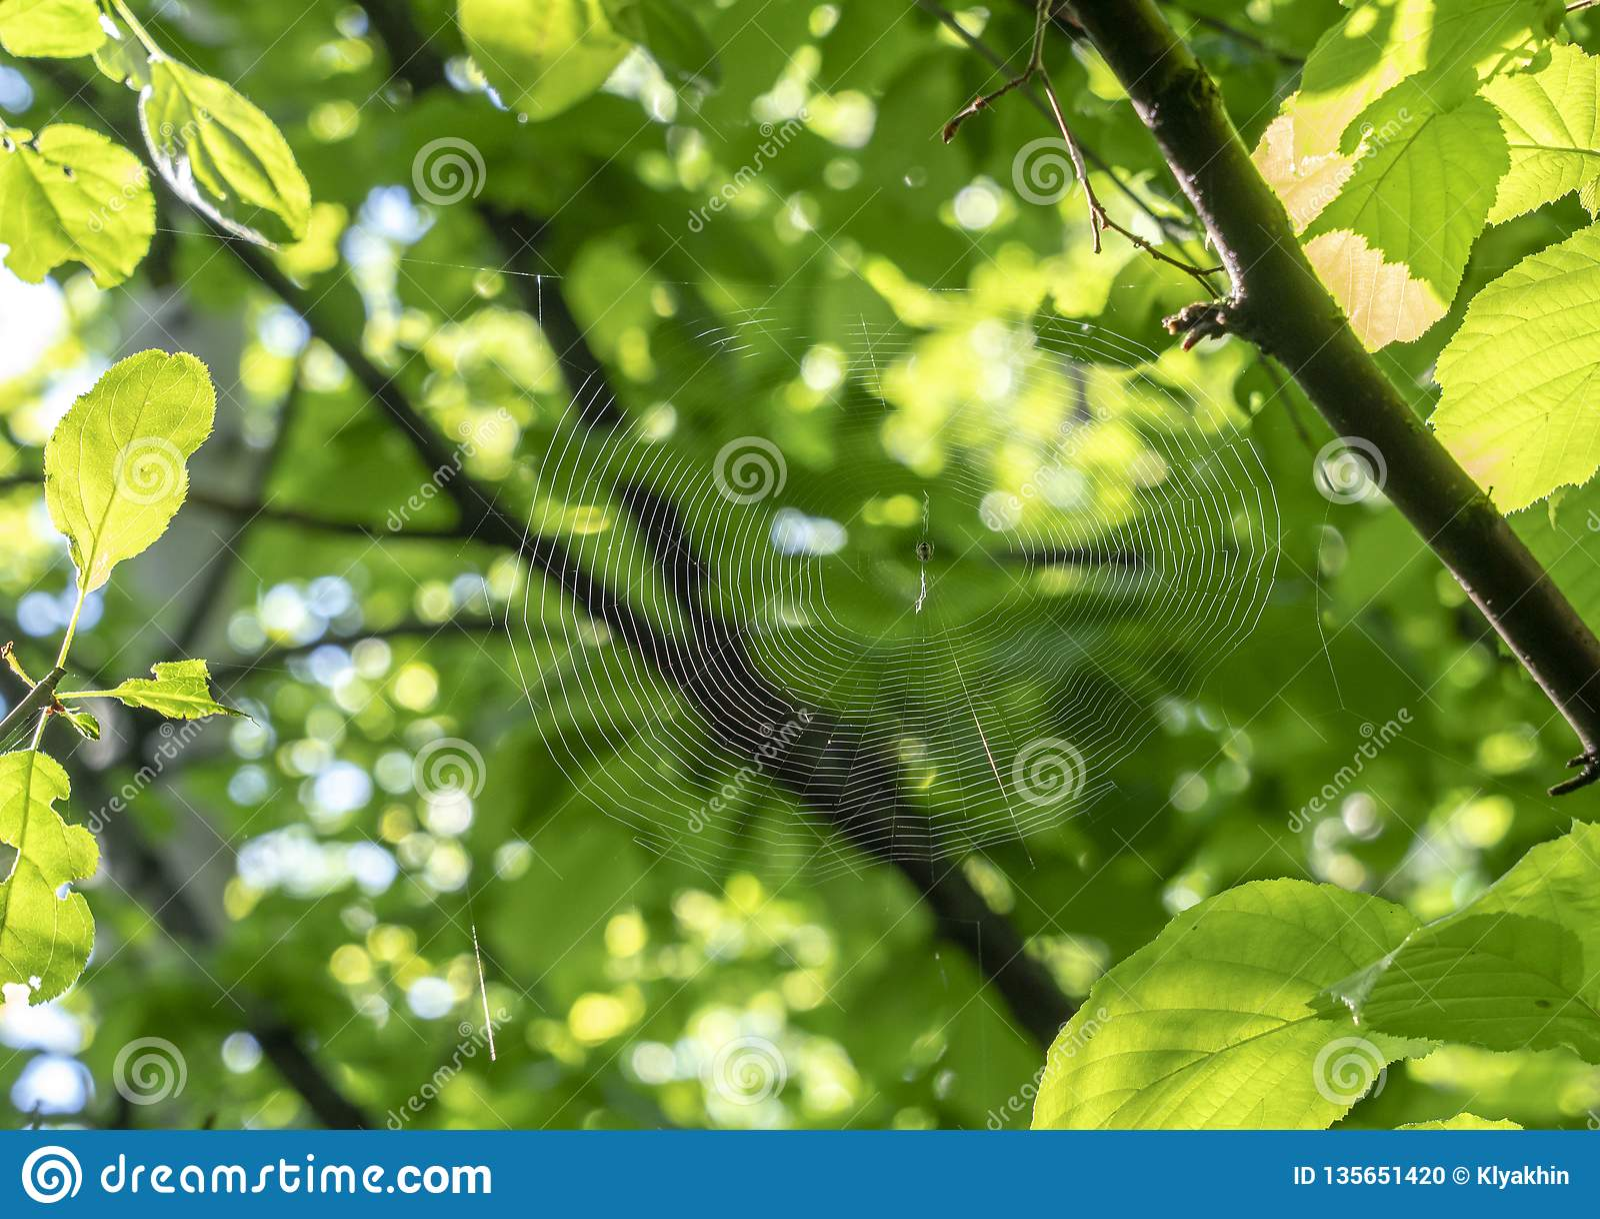 Web de aranha no close-up da floresta da mola